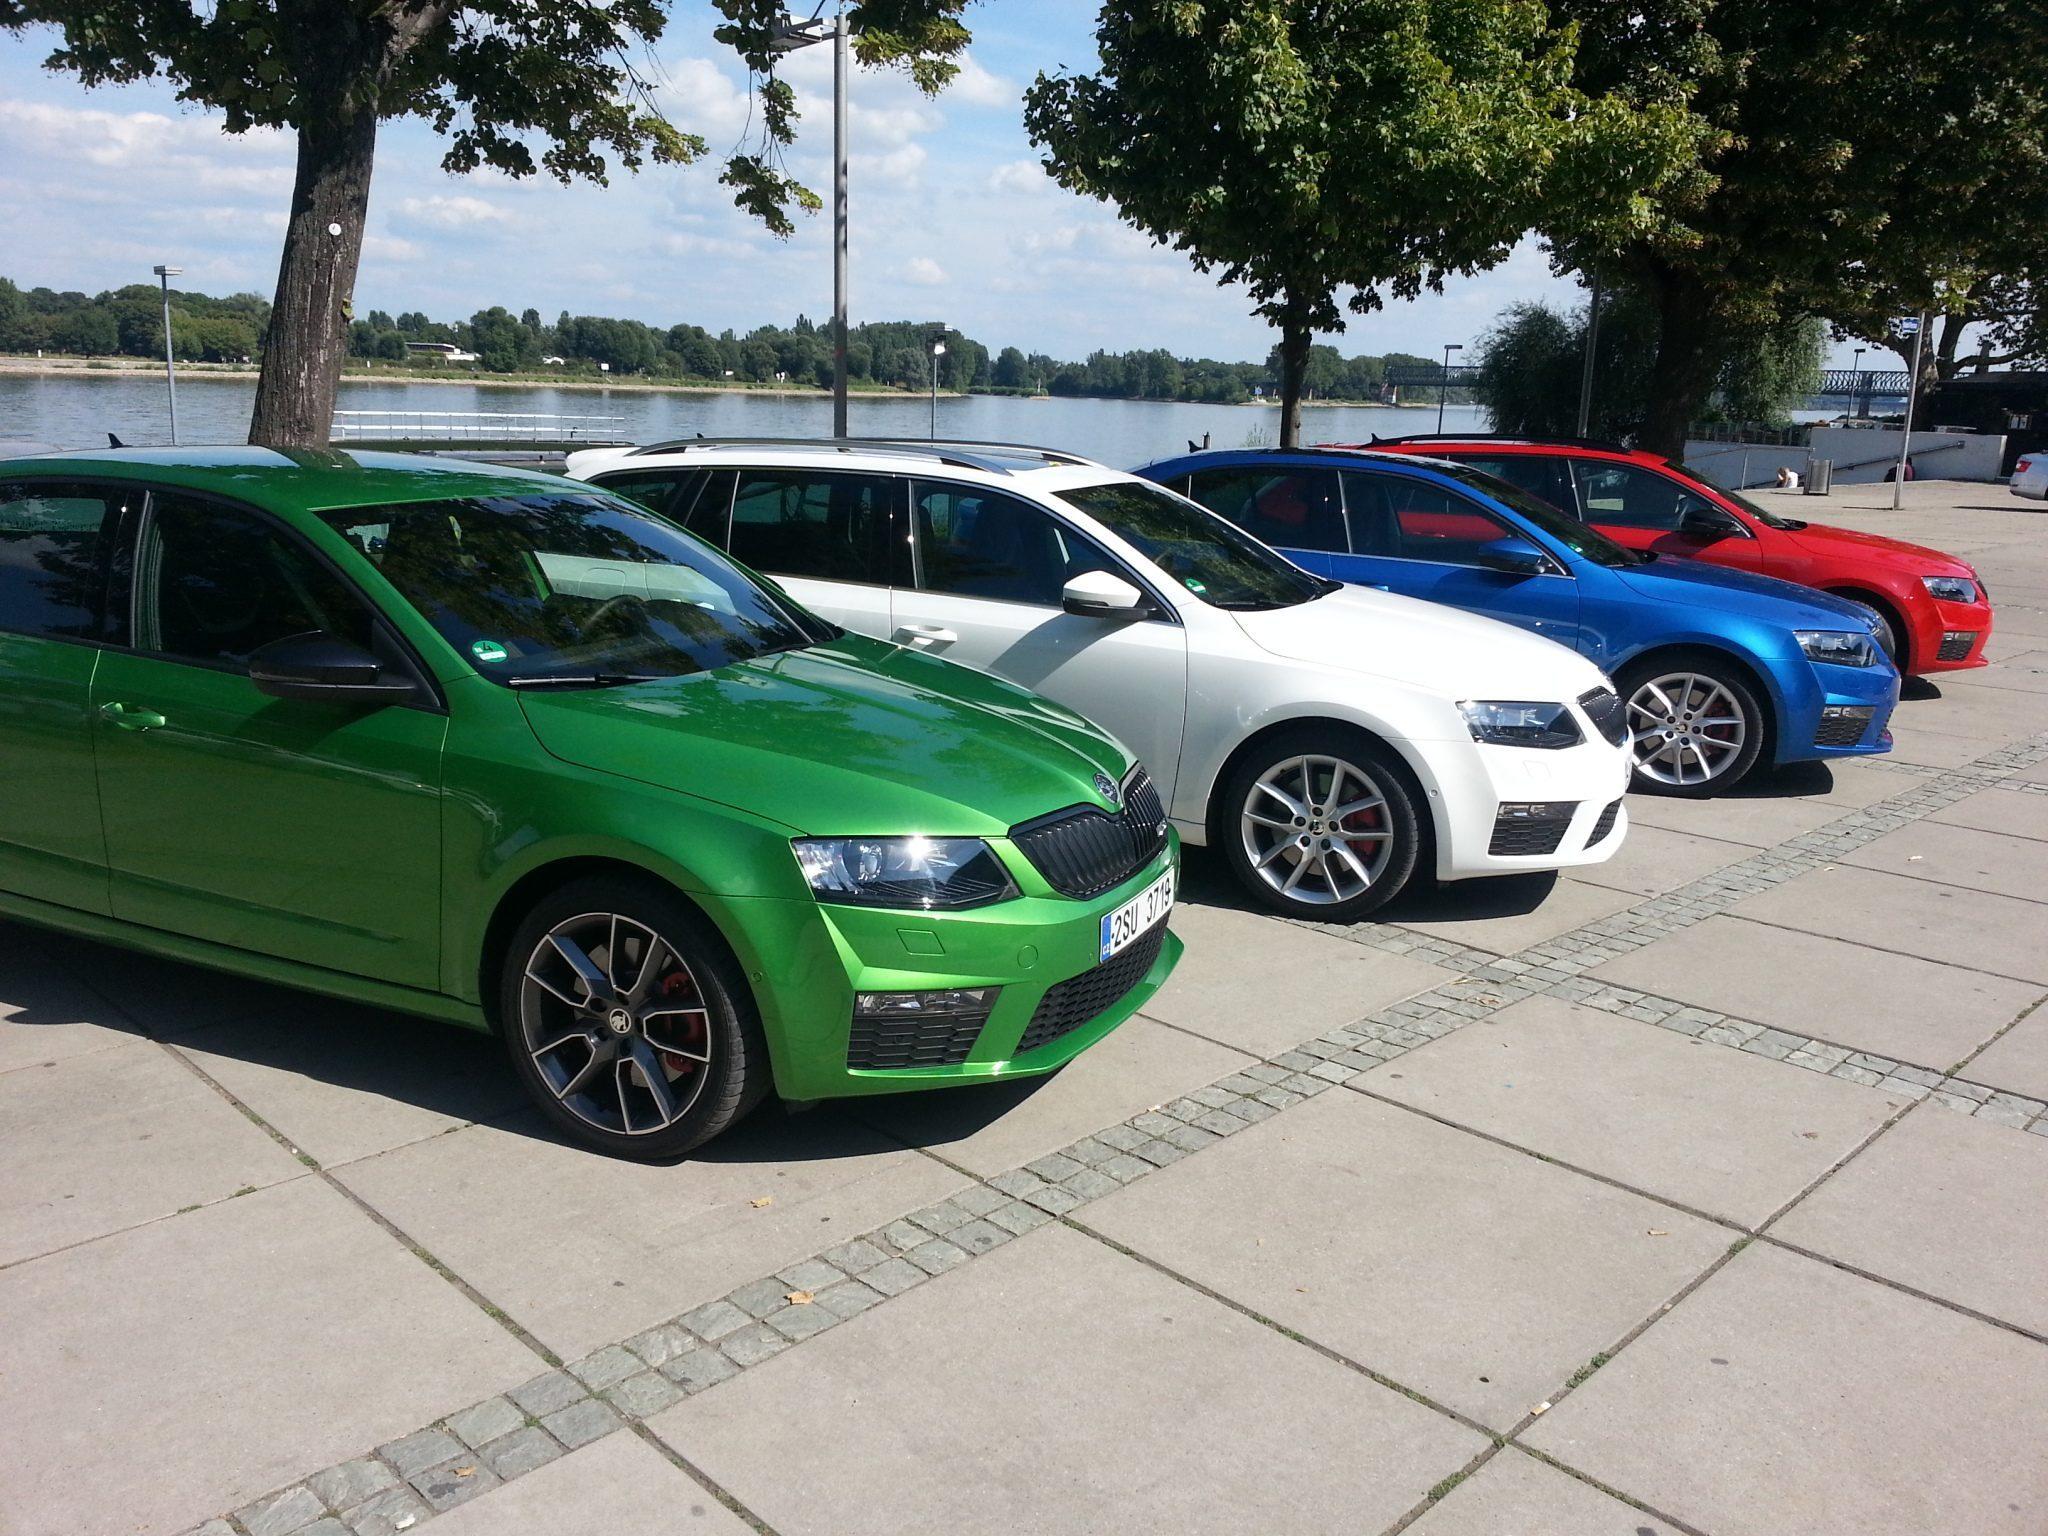 Škoda Octavia RS Farbauswahl